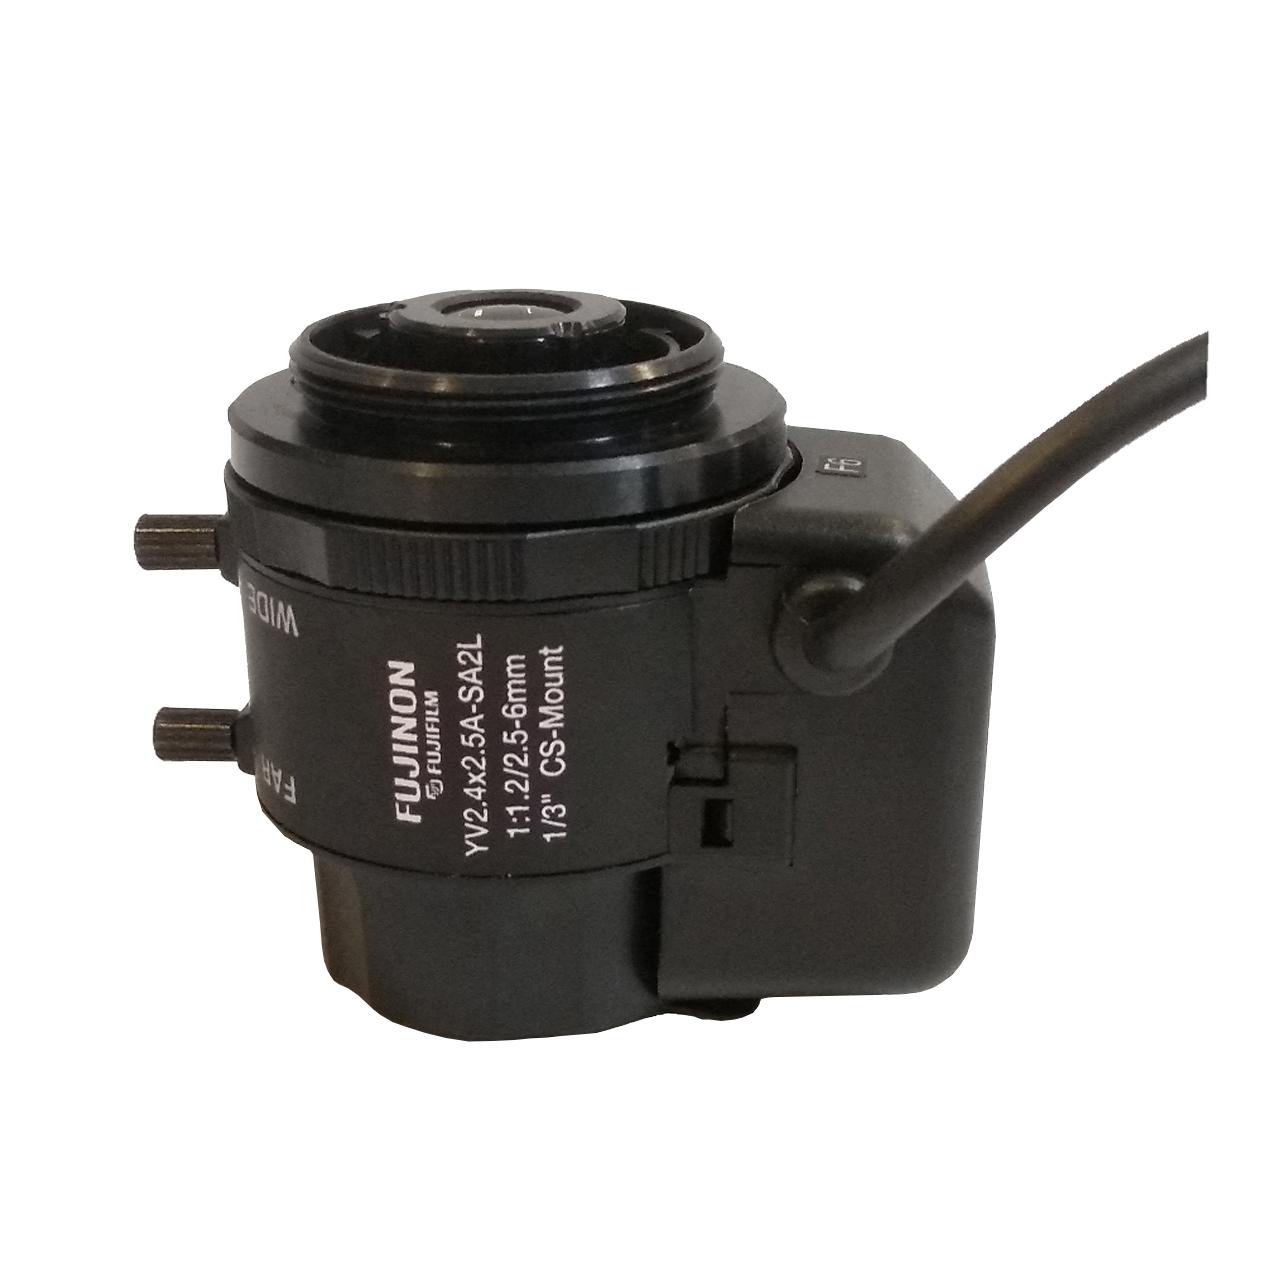 لنز  دوربین مداربسته فوجینون مدل YV2.4X2.5A-SA2